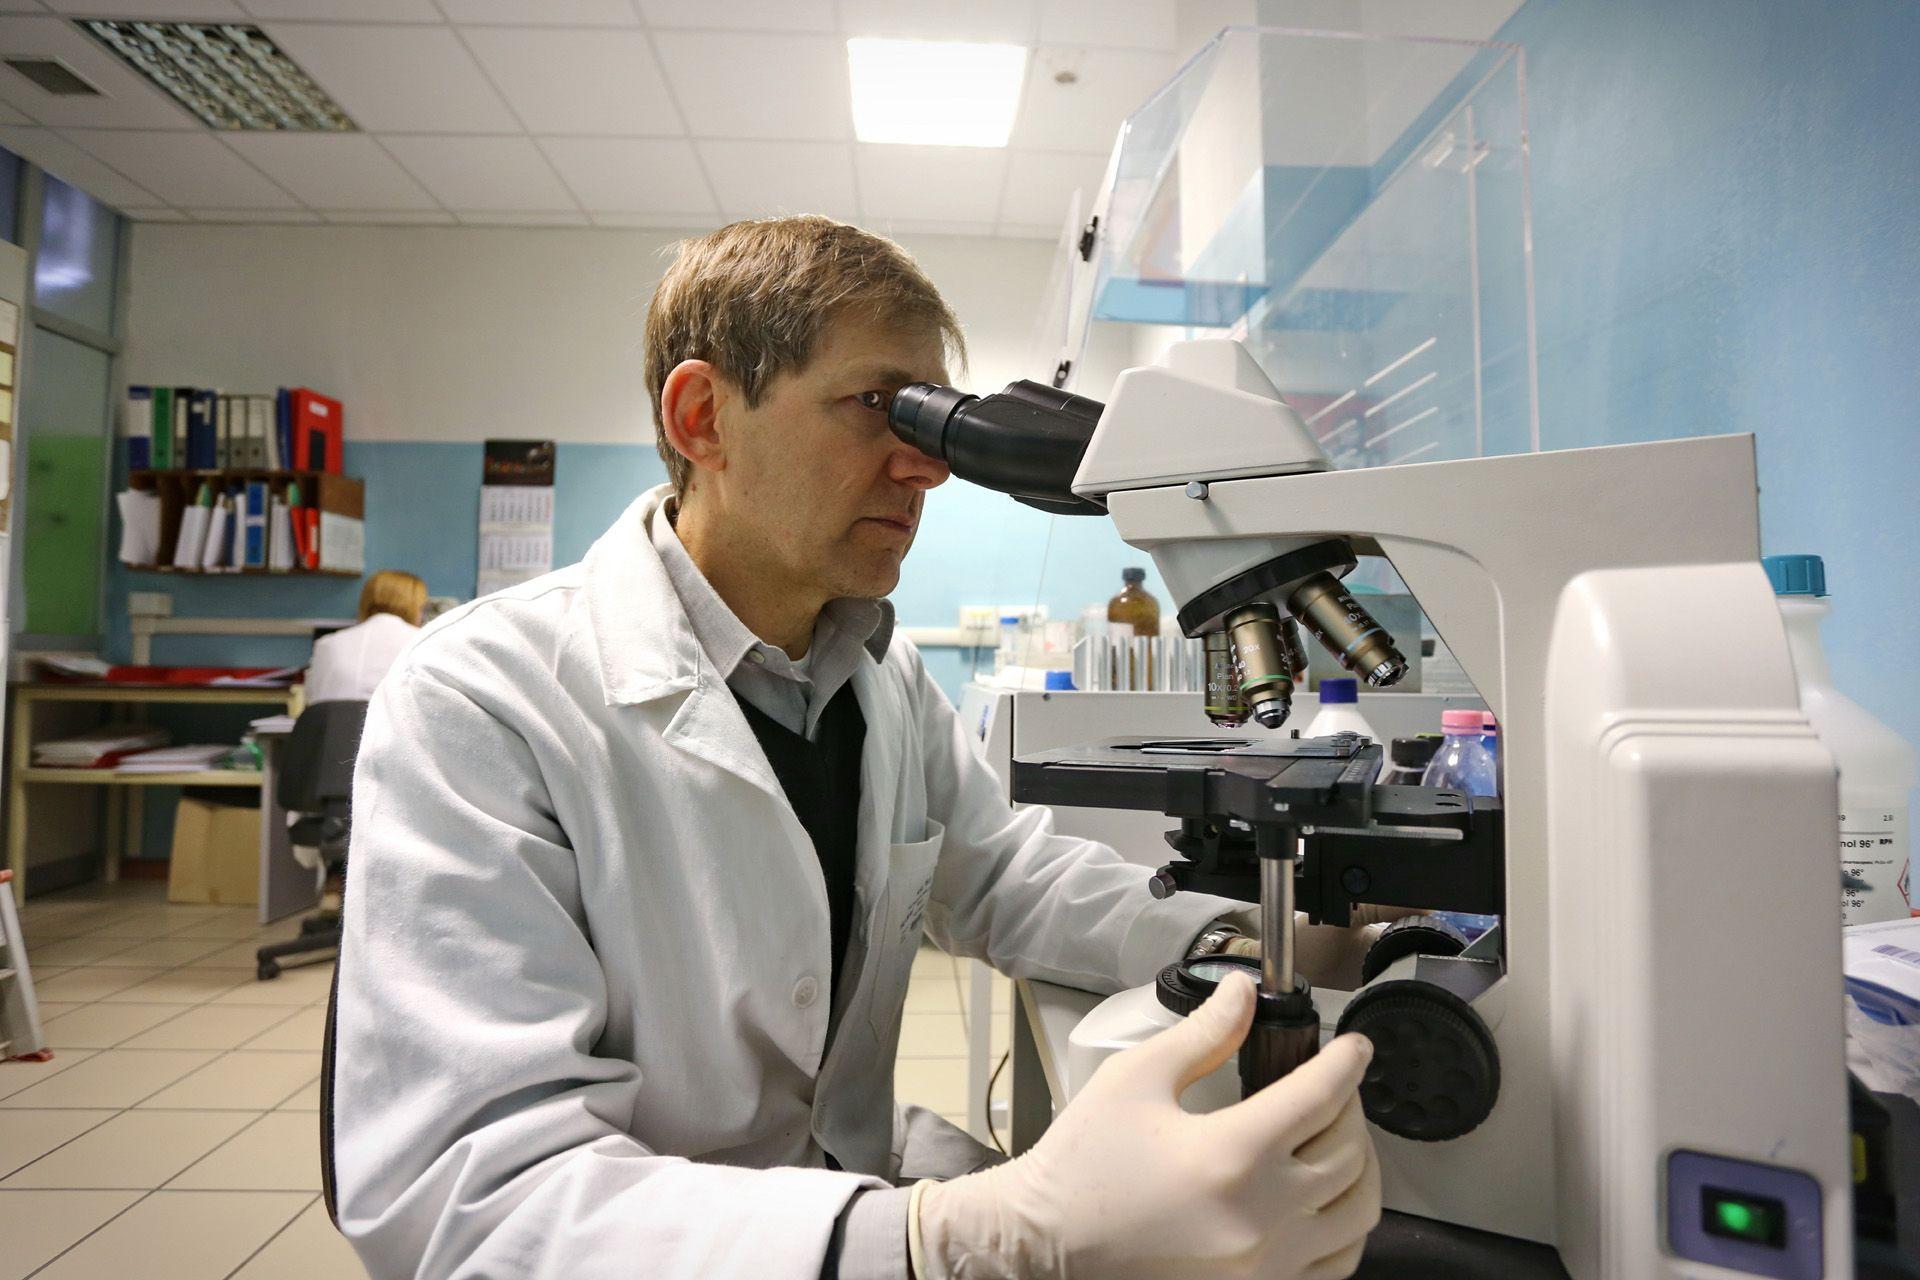 CANDIOLO - Tumore del colon: due studi realizzati a Candiolo e Torino aprono la strada a nuovi trattamenti